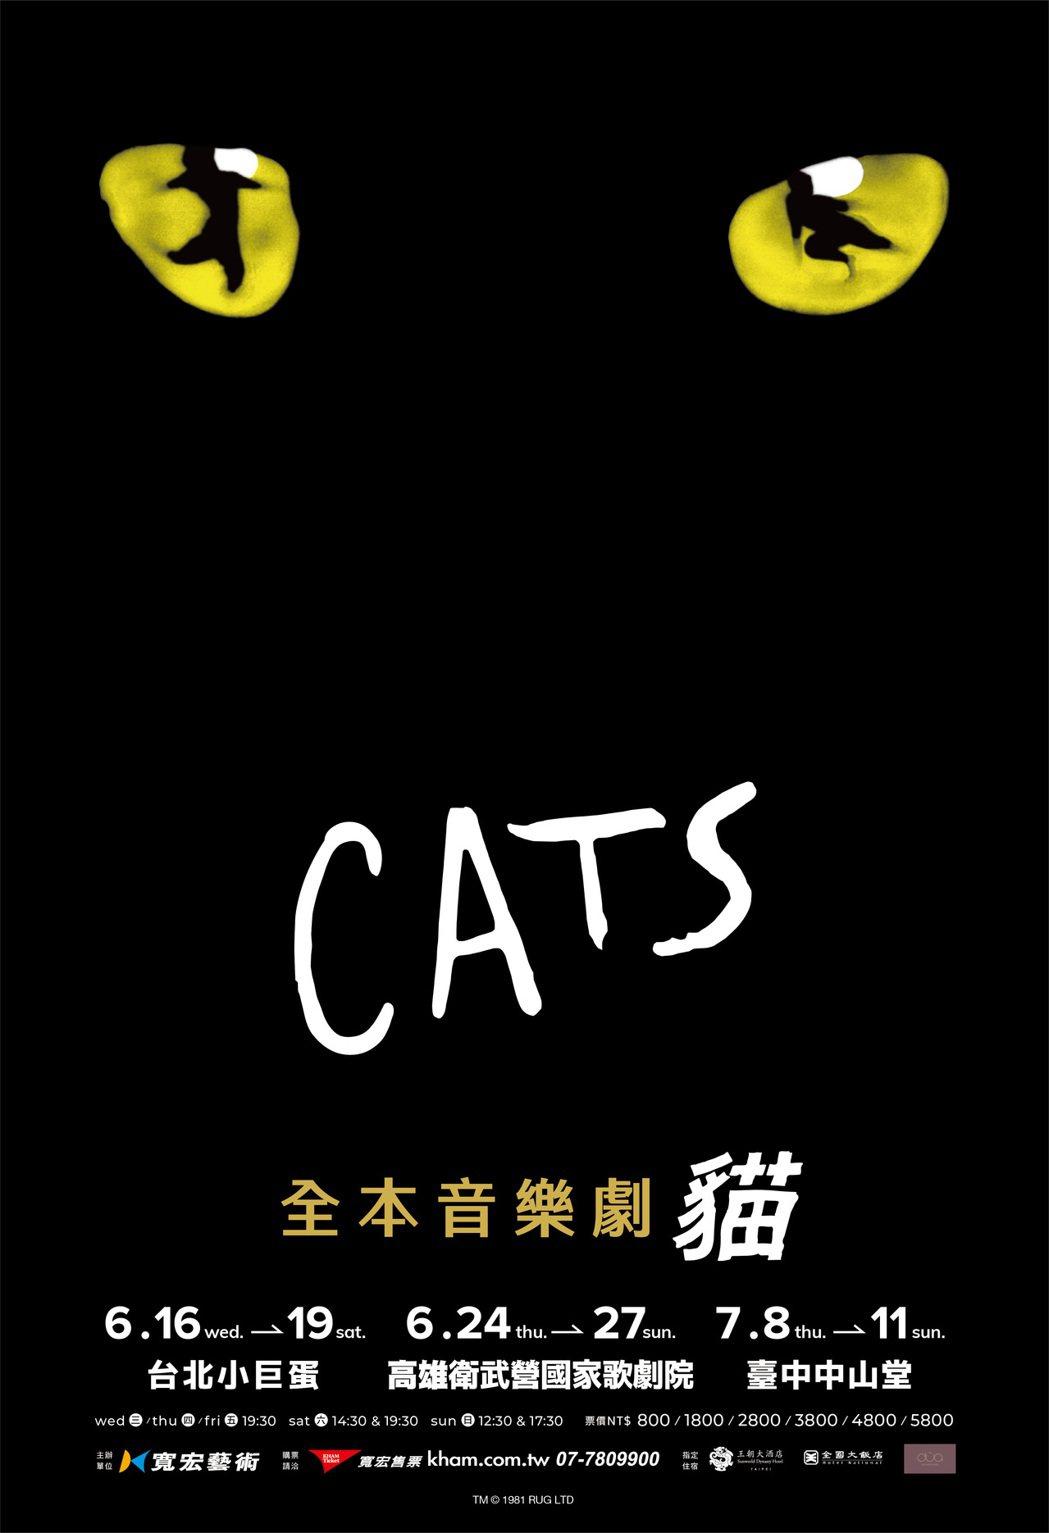 音樂劇「貓」6/16起全台巡演。圖/寬宏提供